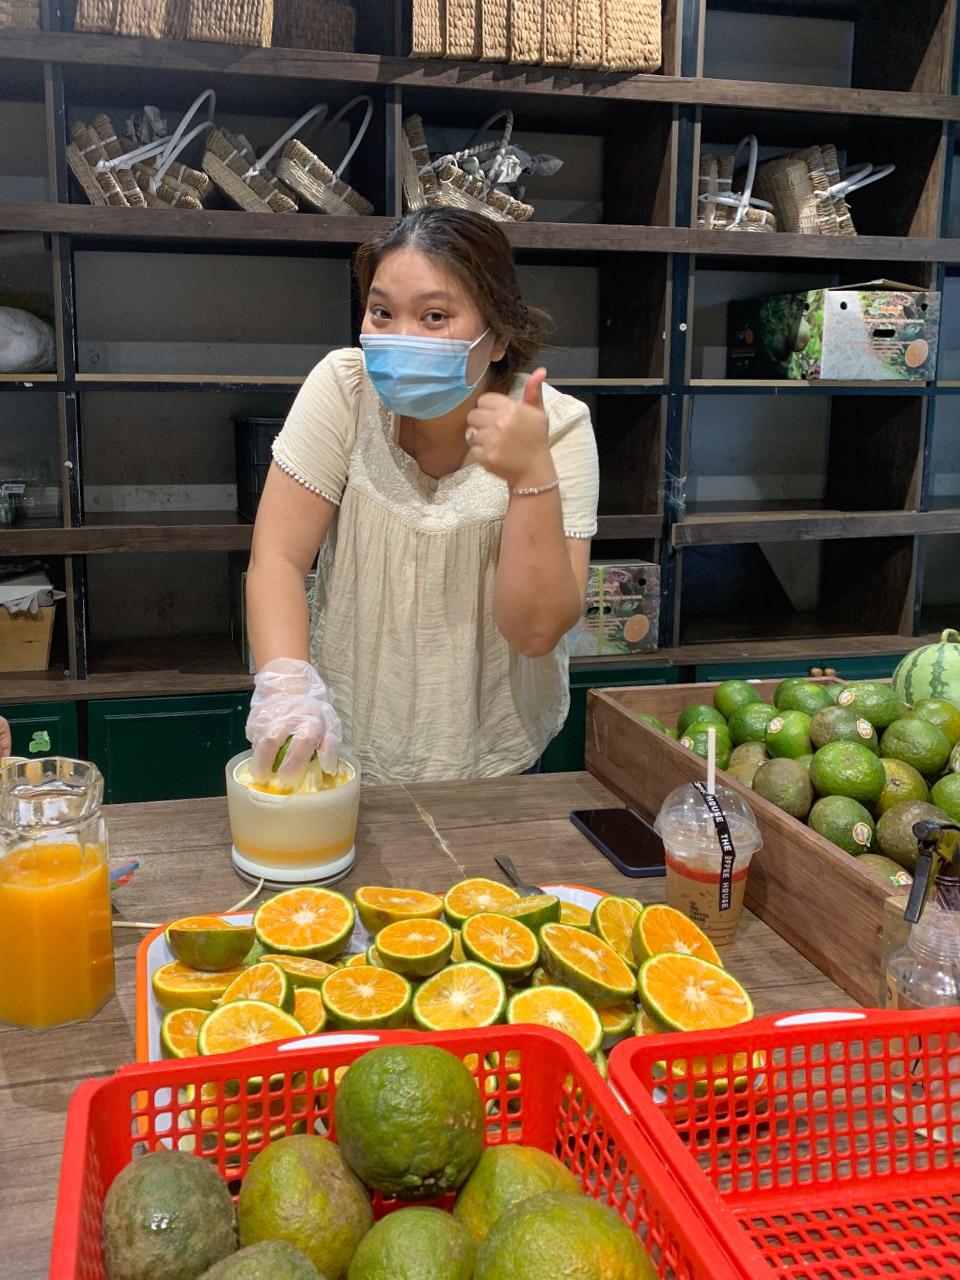 Chị Yến Anh, chủ một doanh nghiệp kinh doanh thực phẩm, nông sản hỗ trợ cam tươi ép nước tặng kèm phần cơm trưa ngày 31/5. Ảnh: Yến Anh.